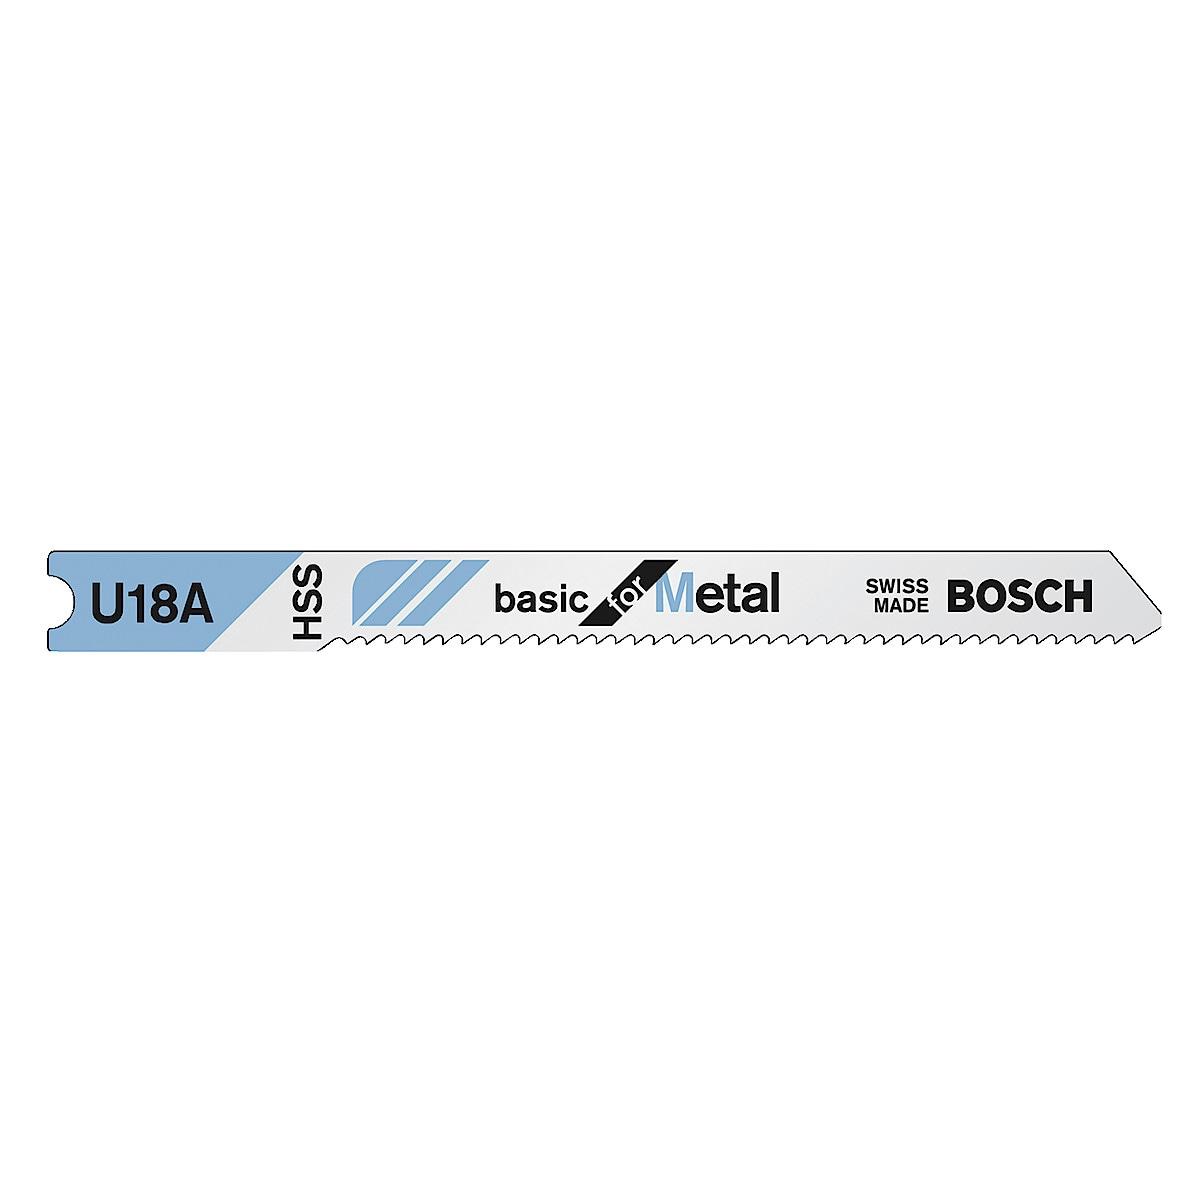 Sticksågsblad HSS U18A Bosch